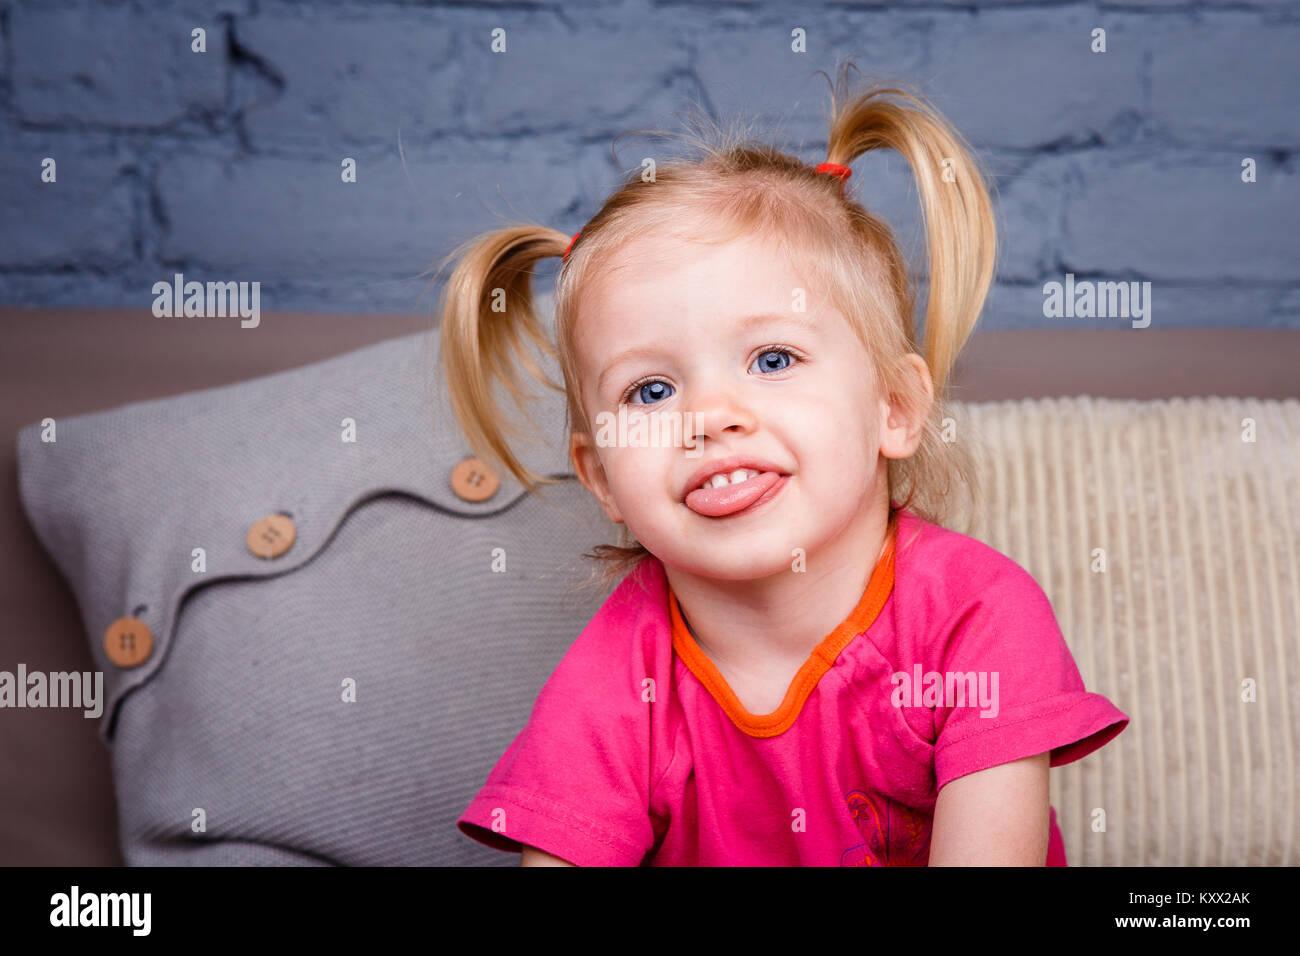 Portrat Einer Kleinen Lustigen Blonde Madchen Mit Blauen Augen Und